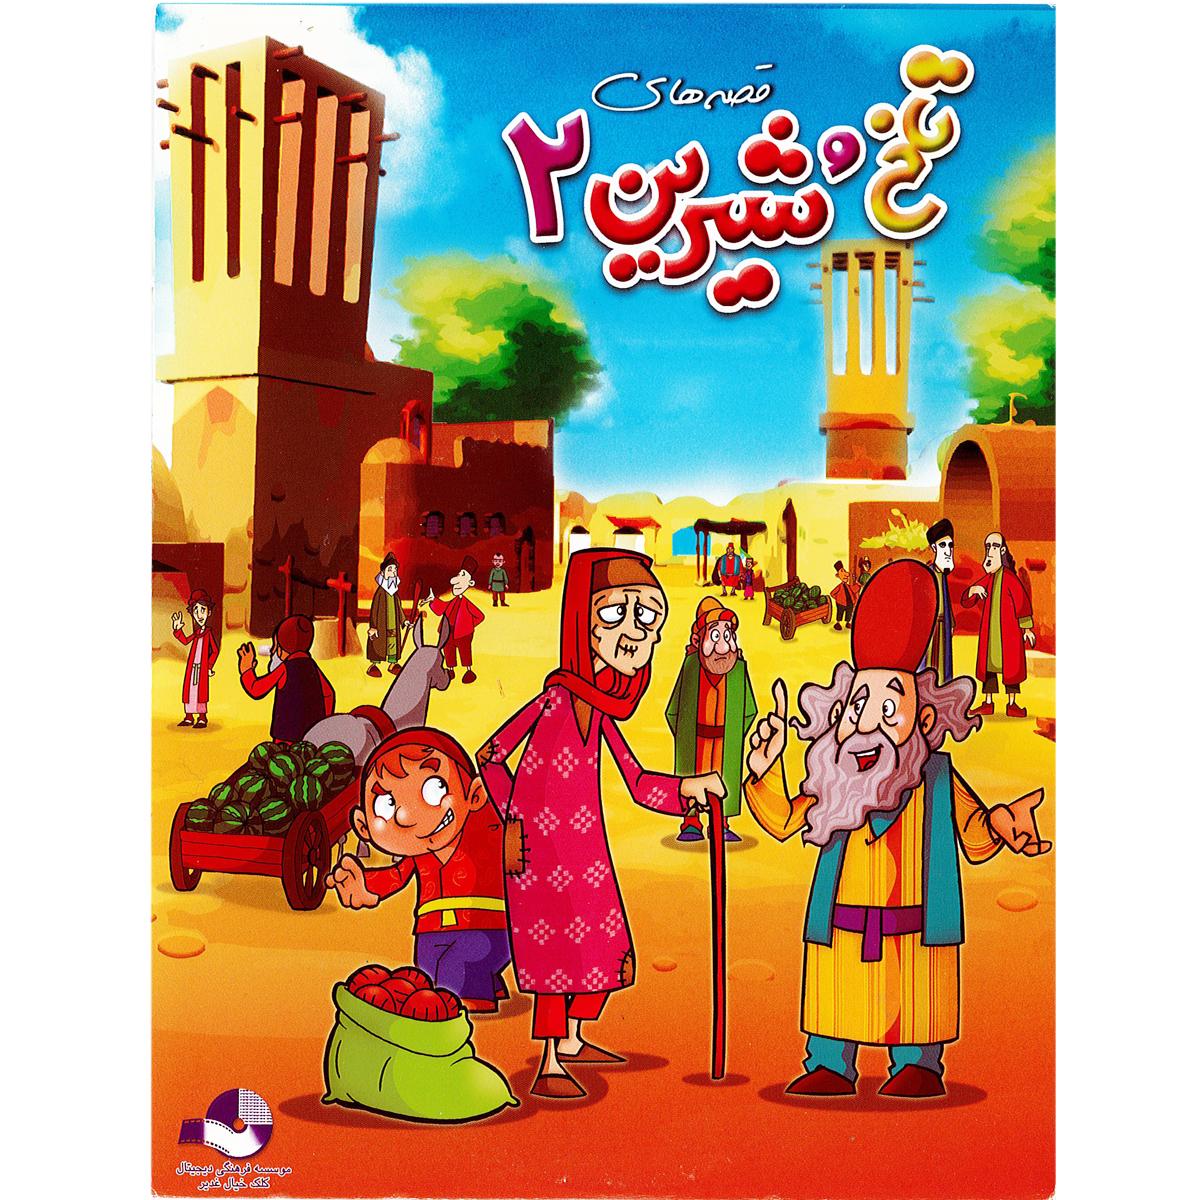 انیمیشن قصه های تلخ و شیرین دو نشر کلک خیال غدیر